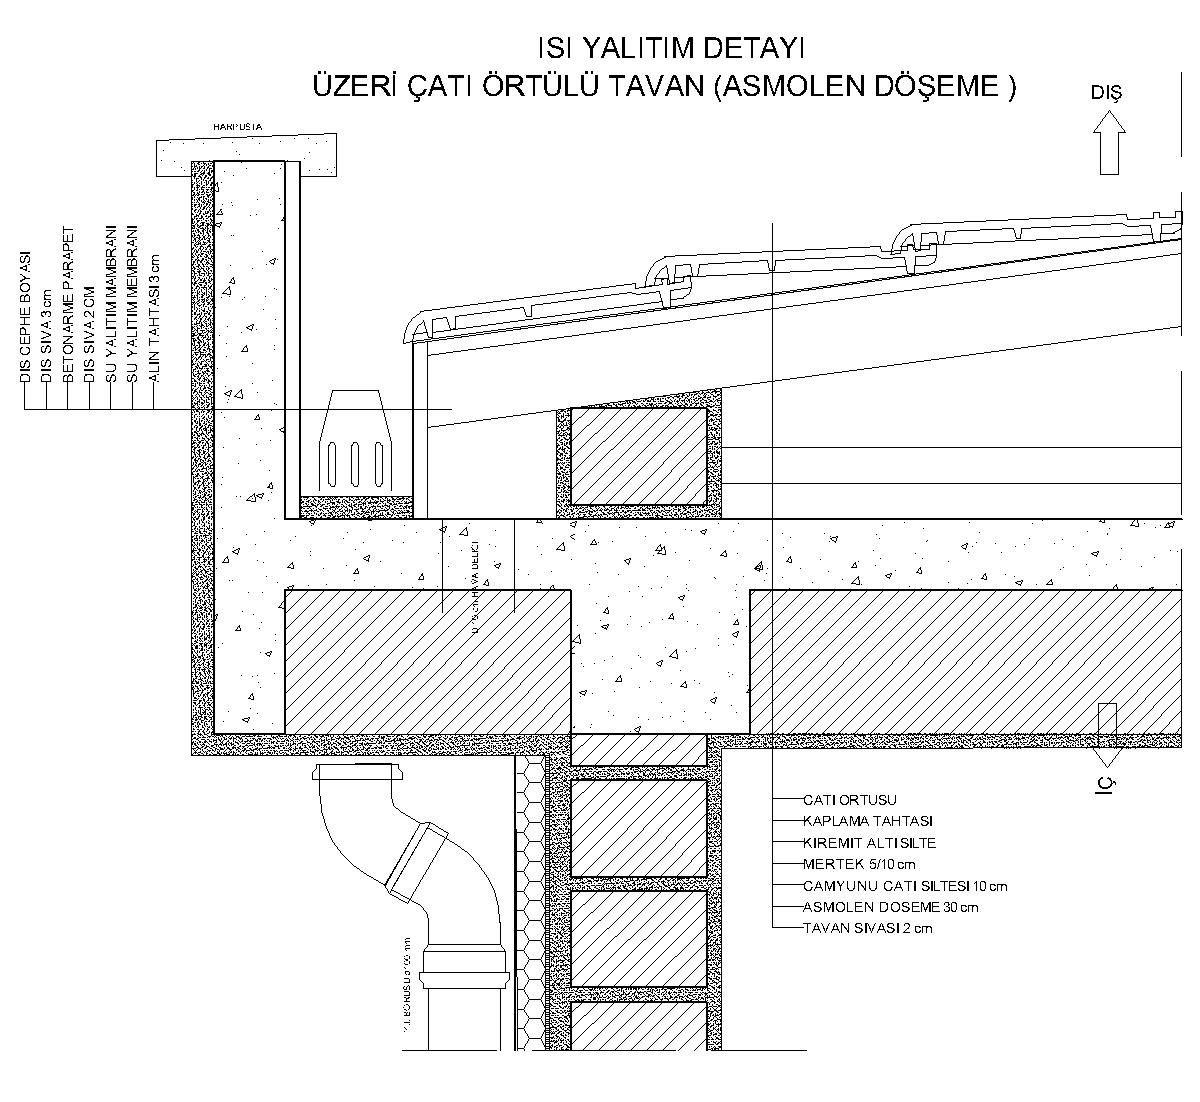 Çatı planı: çizim ve tasarım kuralları. Bir çatı planı nasıl çizilir